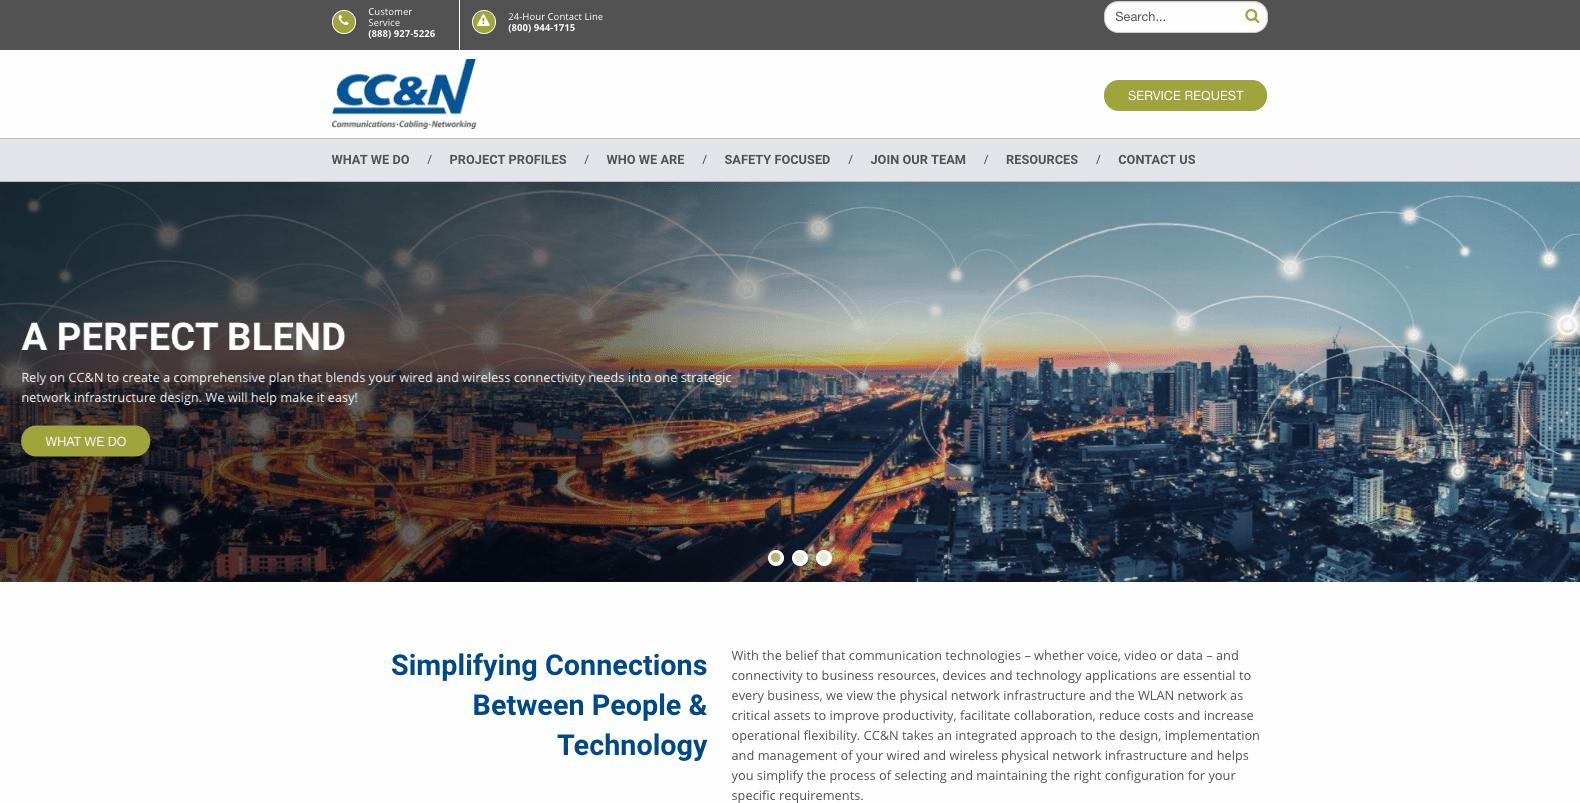 CC&N Homepage